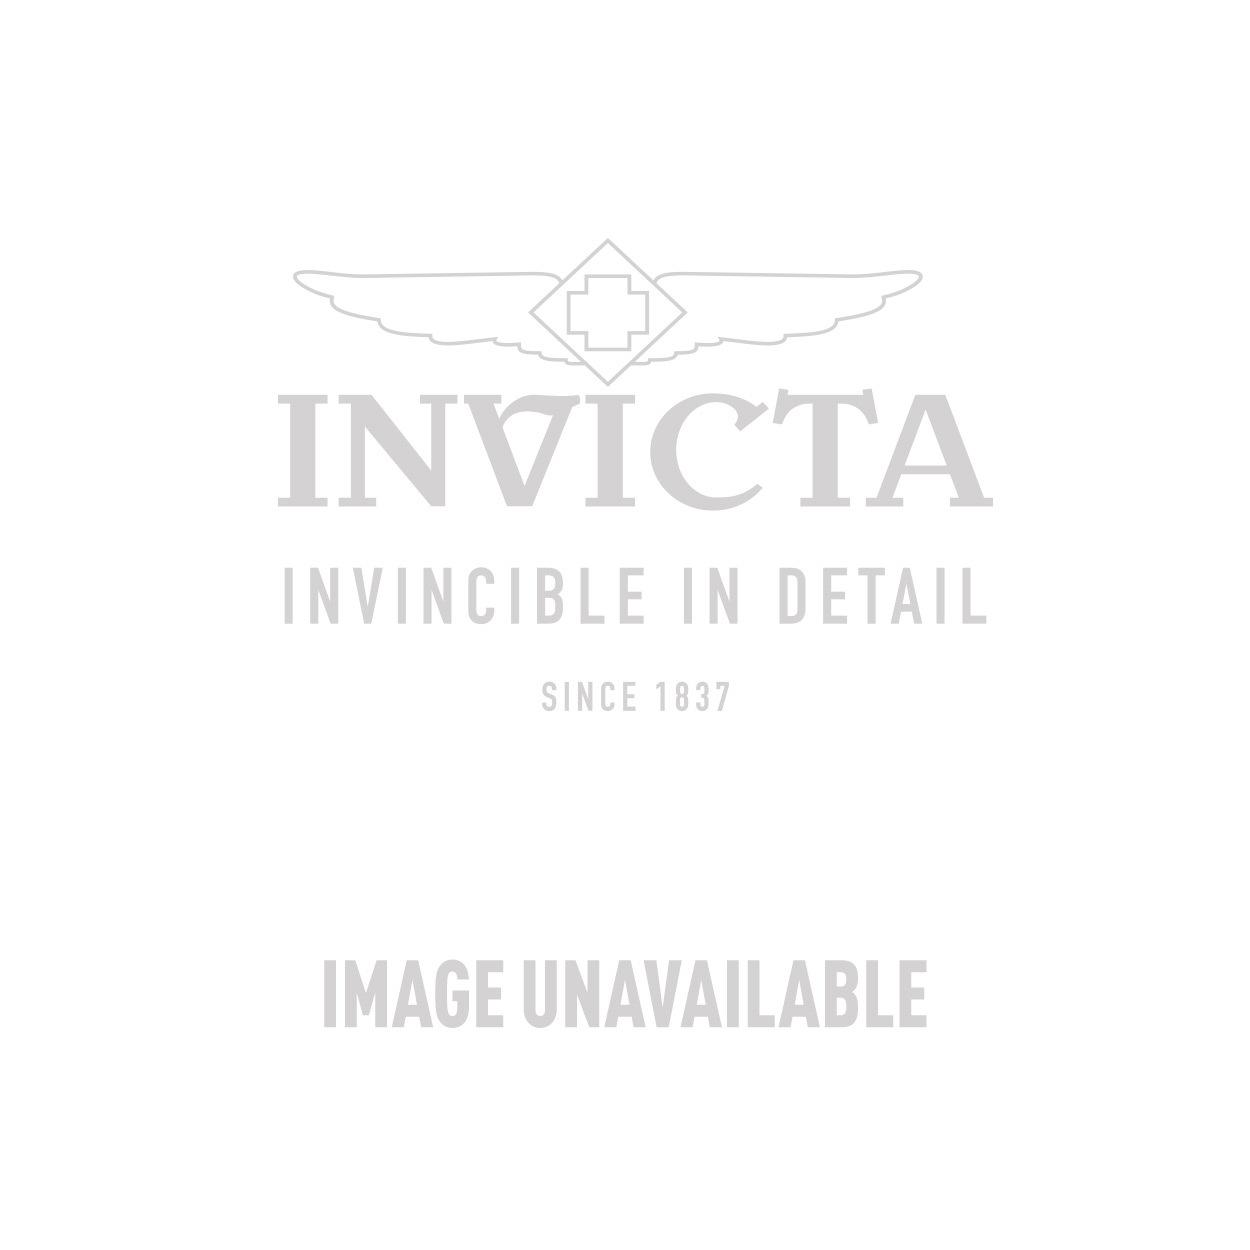 Invicta Model 23422